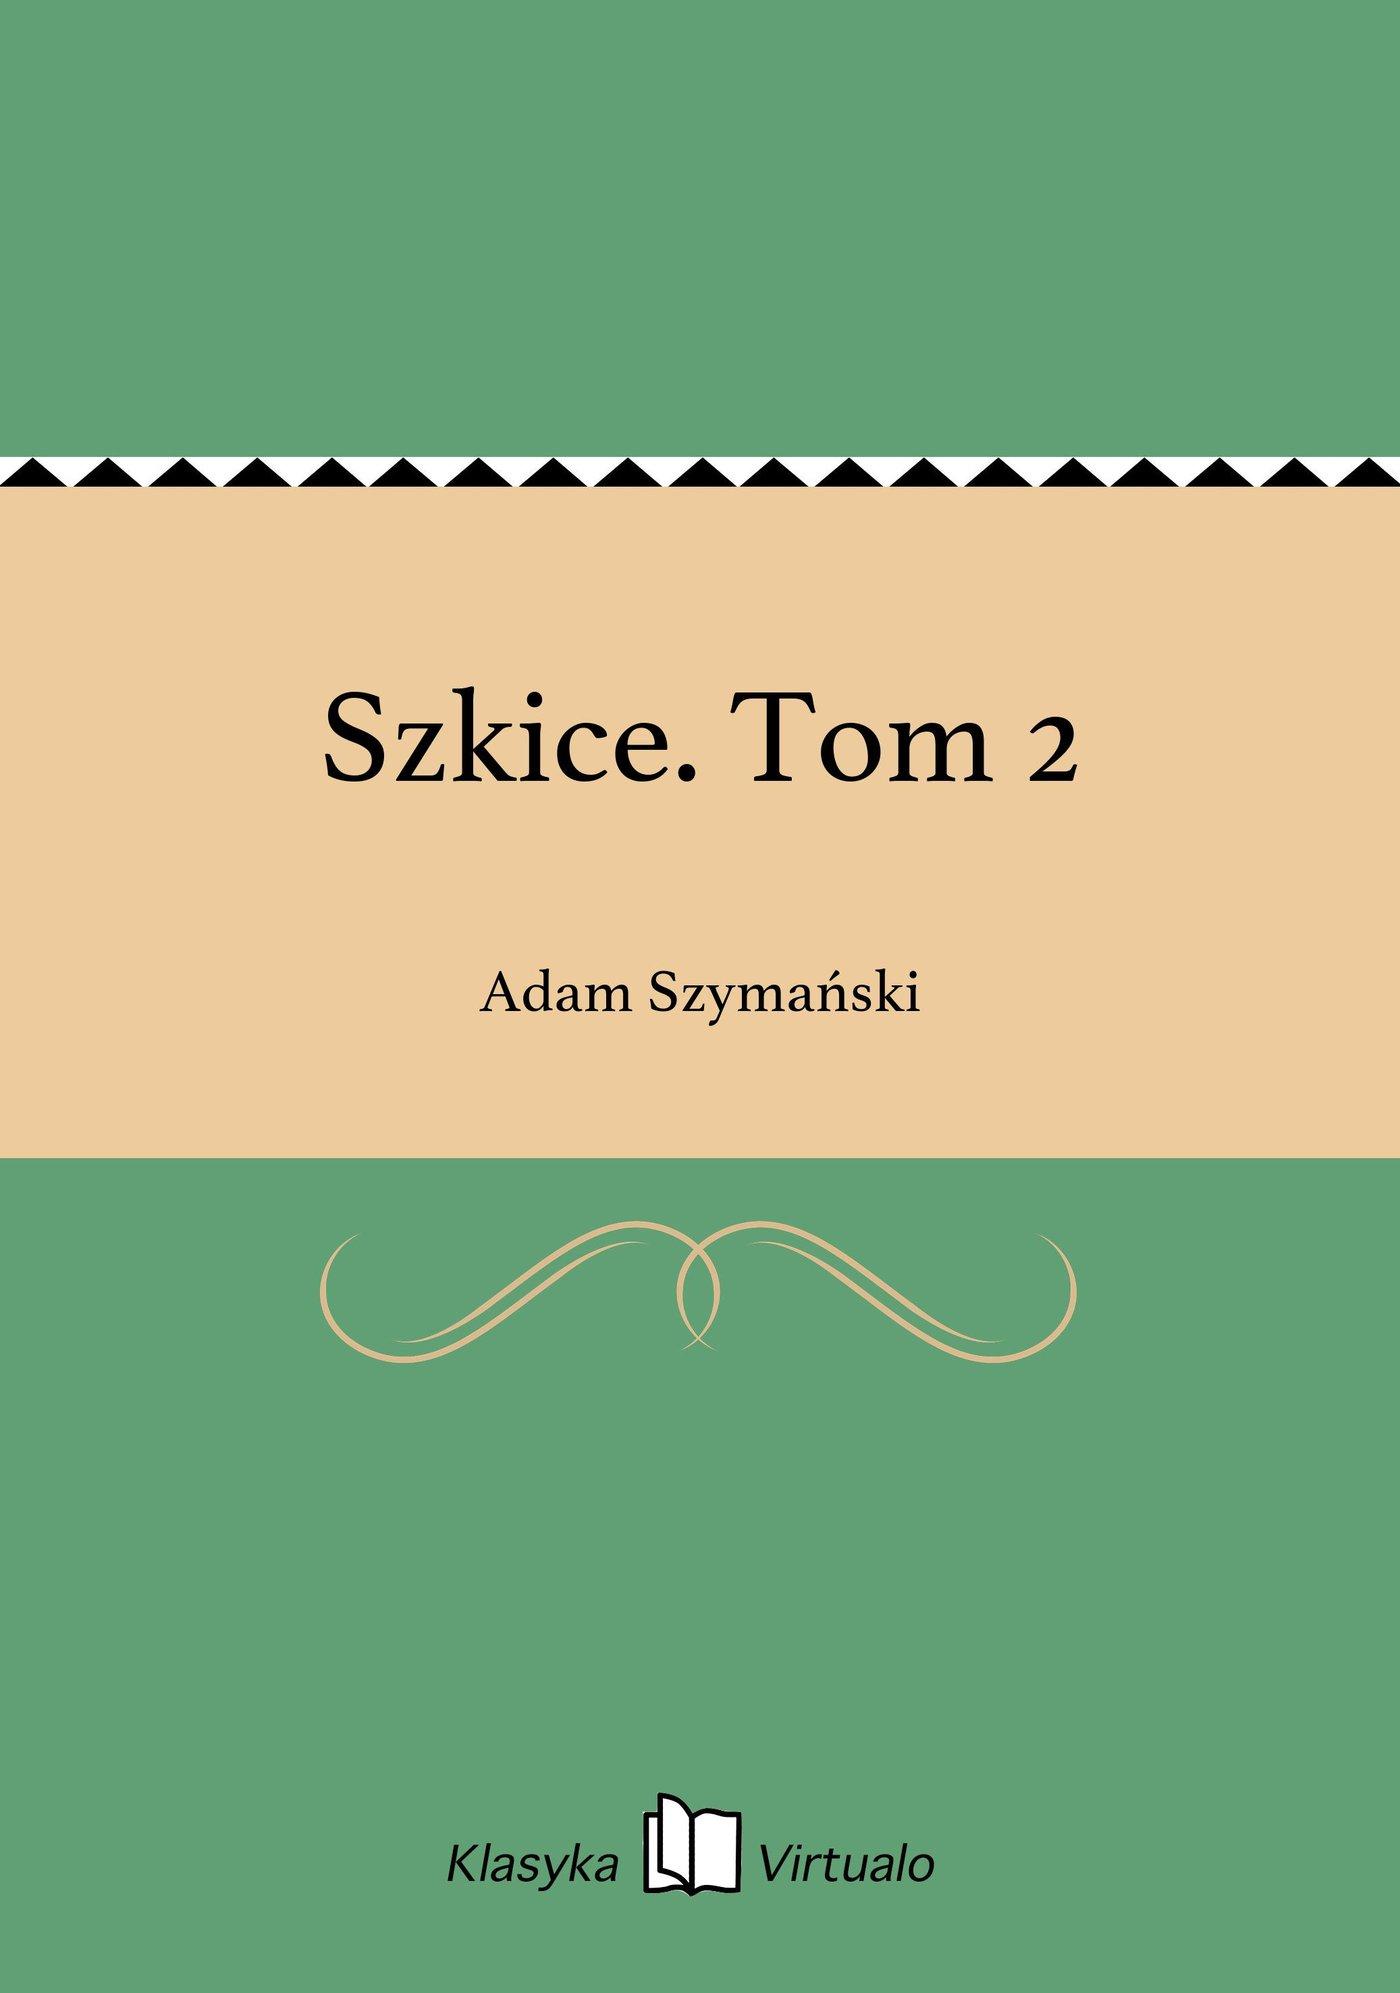 Szkice. Tom 2 - Ebook (Książka EPUB) do pobrania w formacie EPUB